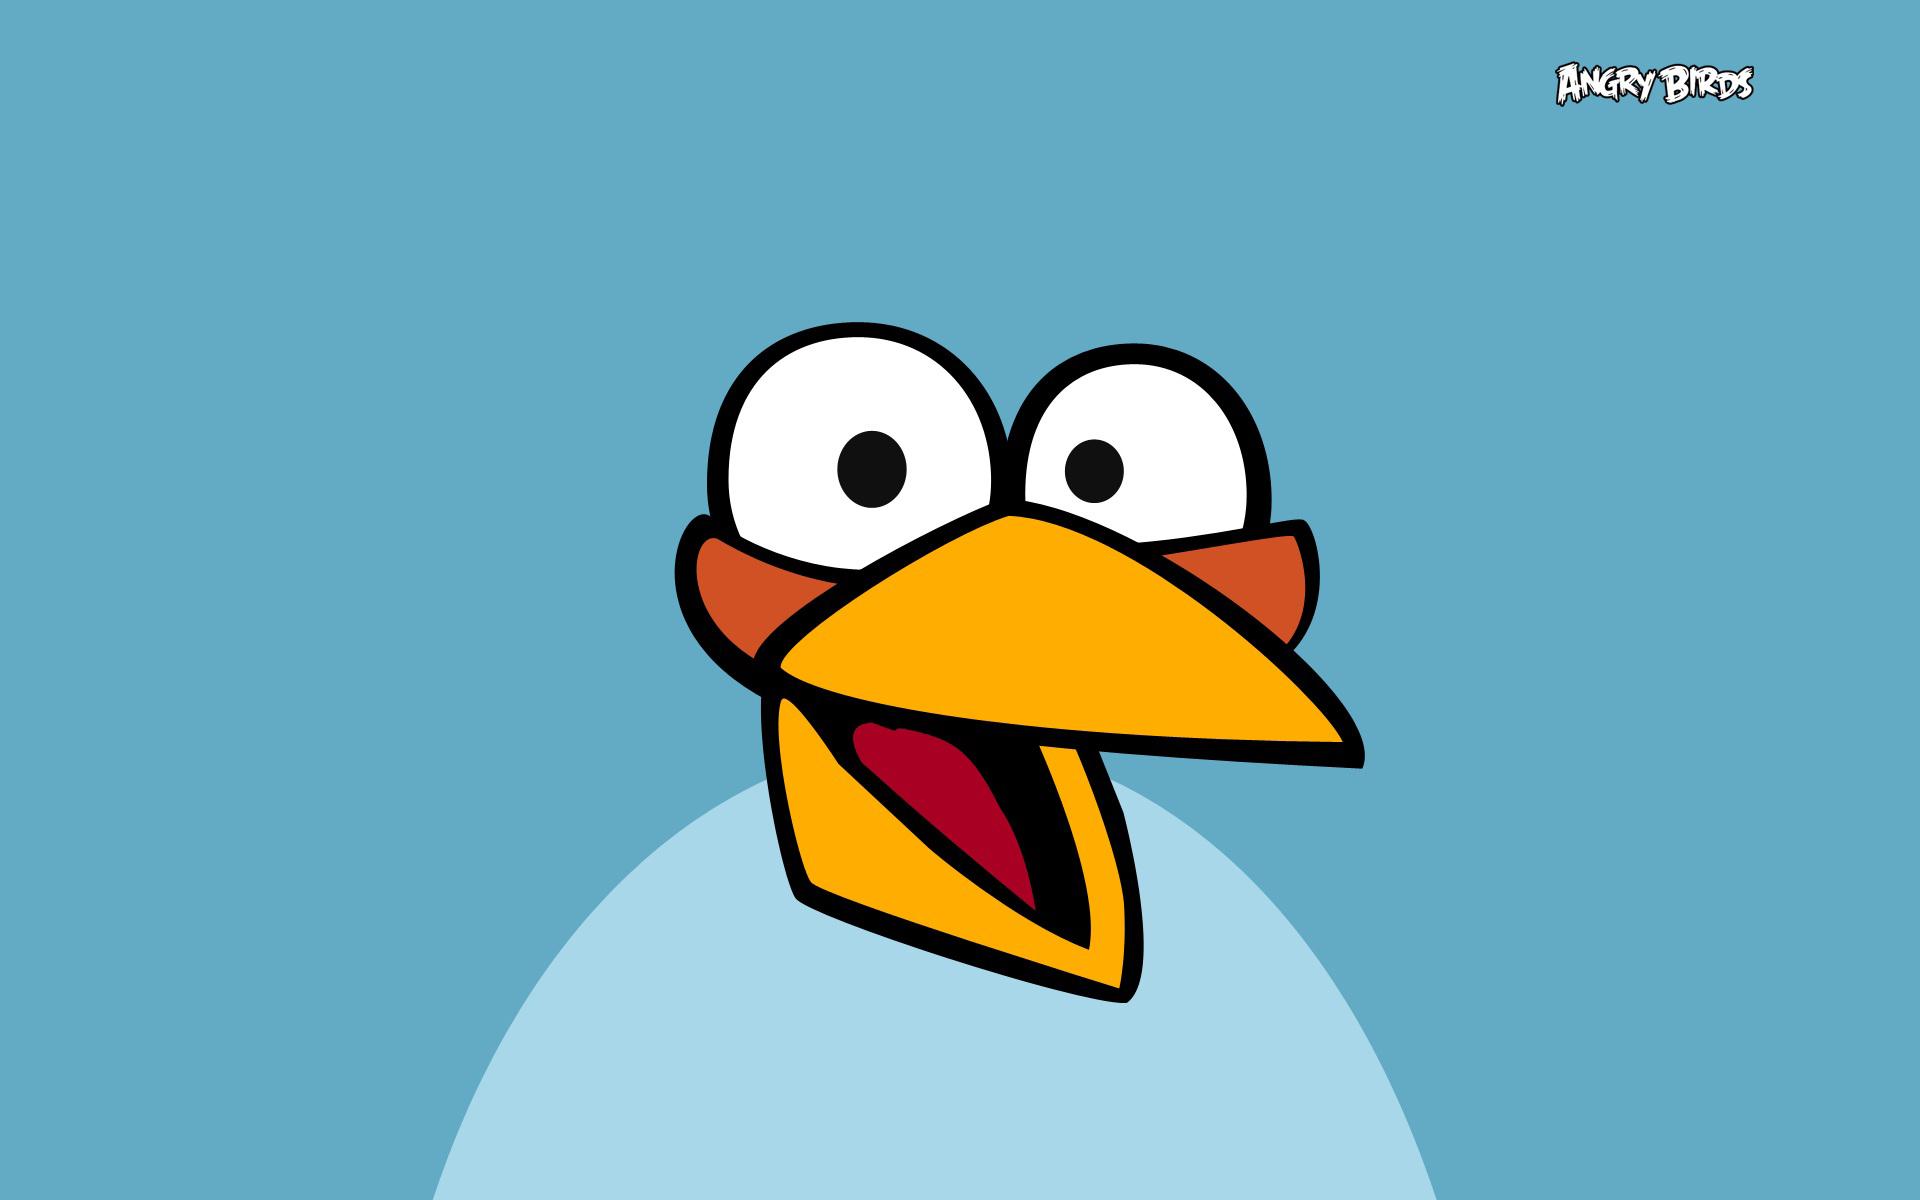 Скачать картинку Злые Птицы (Angry Birds), Фон, Игры в телефон бесплатно.